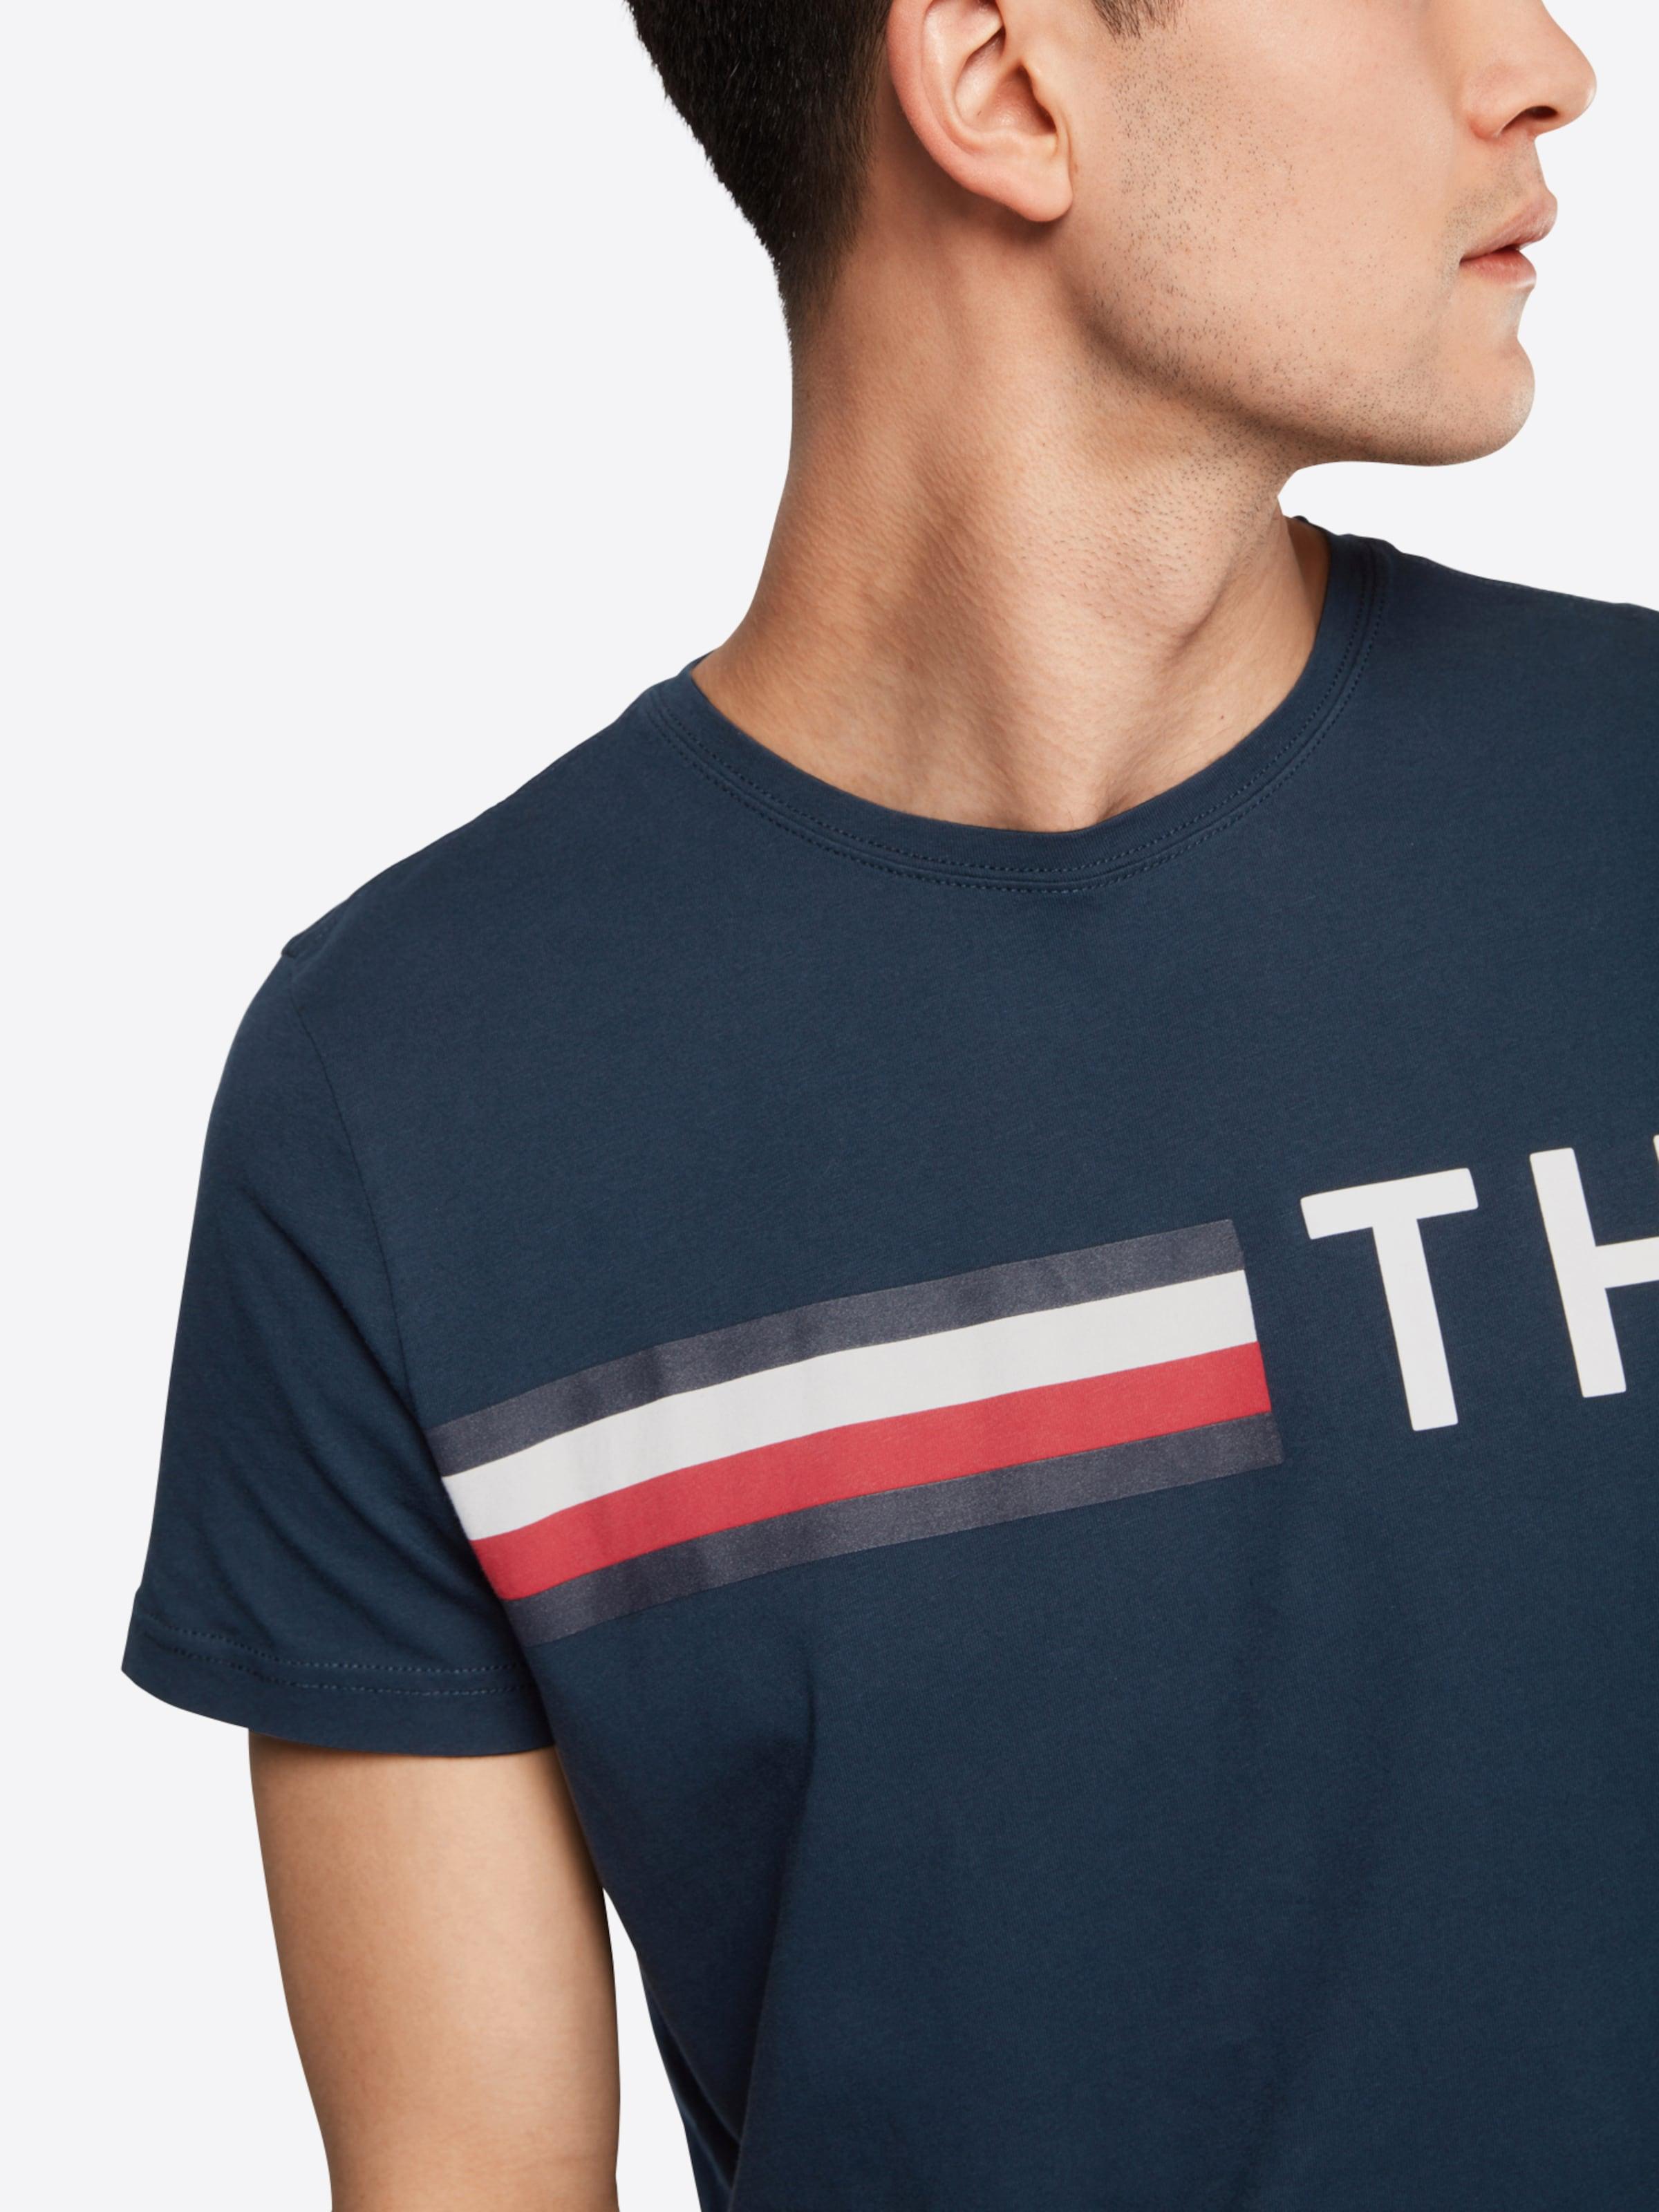 Rabatt 100% Garantiert TOMMY HILFIGER T-Shirt 'STRIPED LOGO GRAPHIC' Spielraum Marktfähig Günstiger Preis Verkauf Am Besten Mit Visum Günstigem Preis Zahlen dJjTSOm0